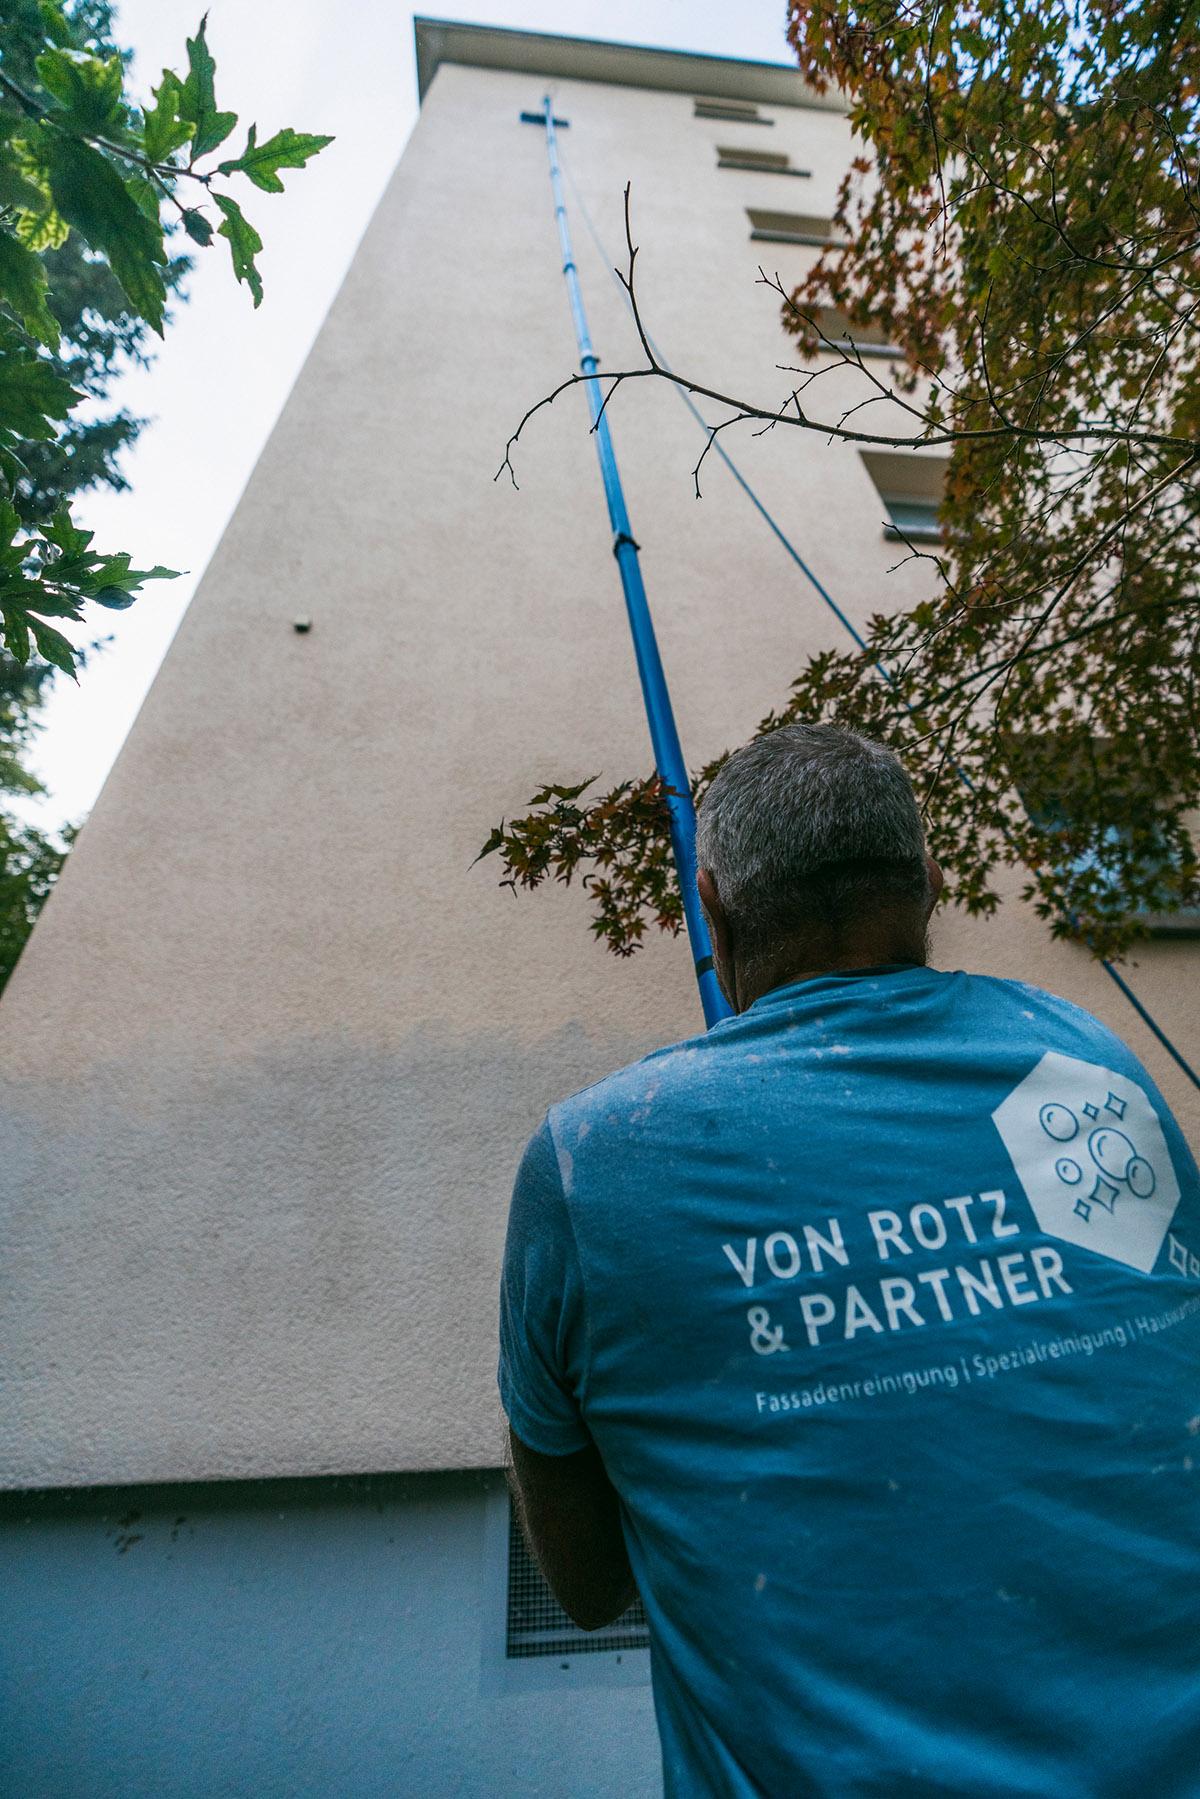 Fassadenreinigung mit spezieller Aluminiumstange in Zürich, Luzern, St. Gallen, Thurgau